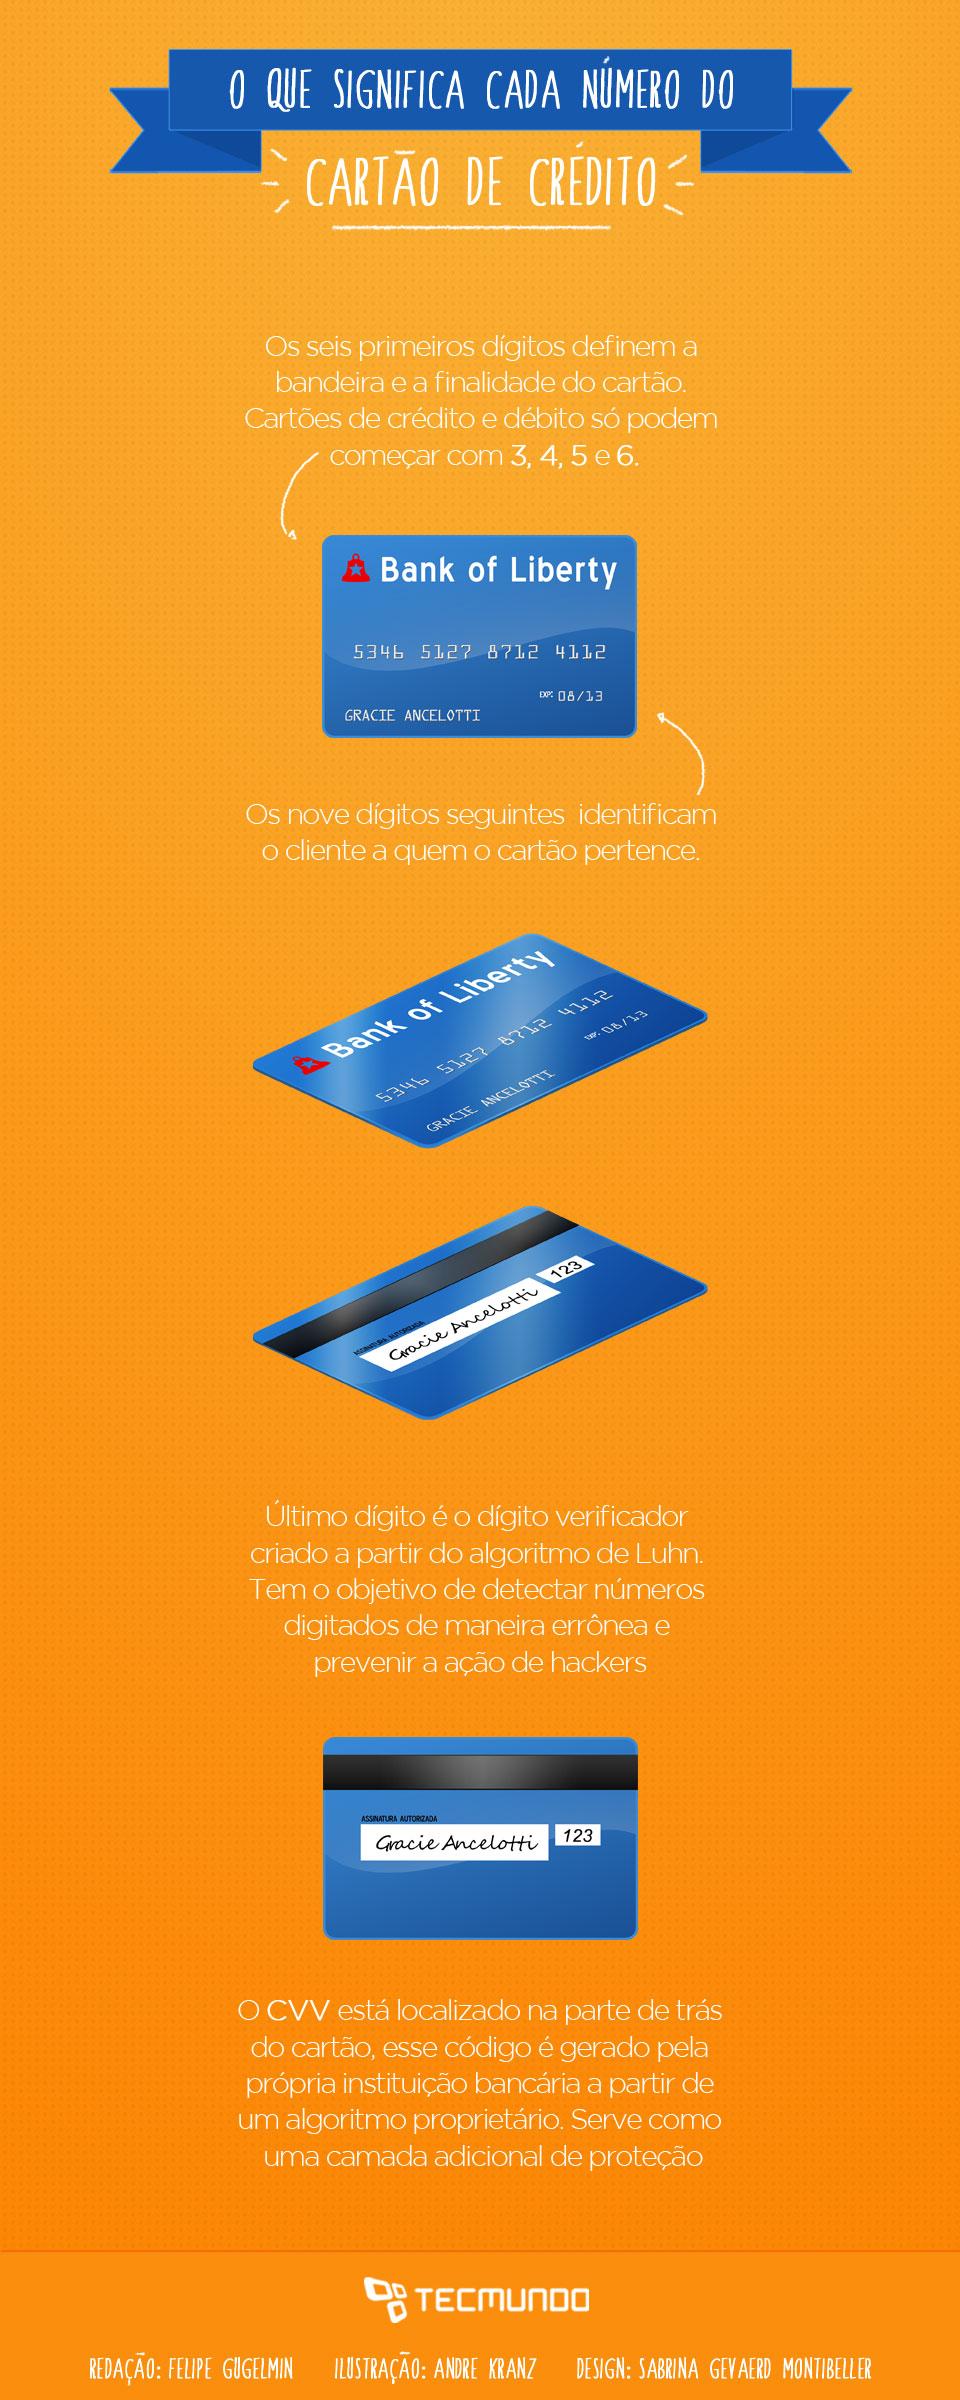 O que significa cada número do cartão de crédito [ilustração]